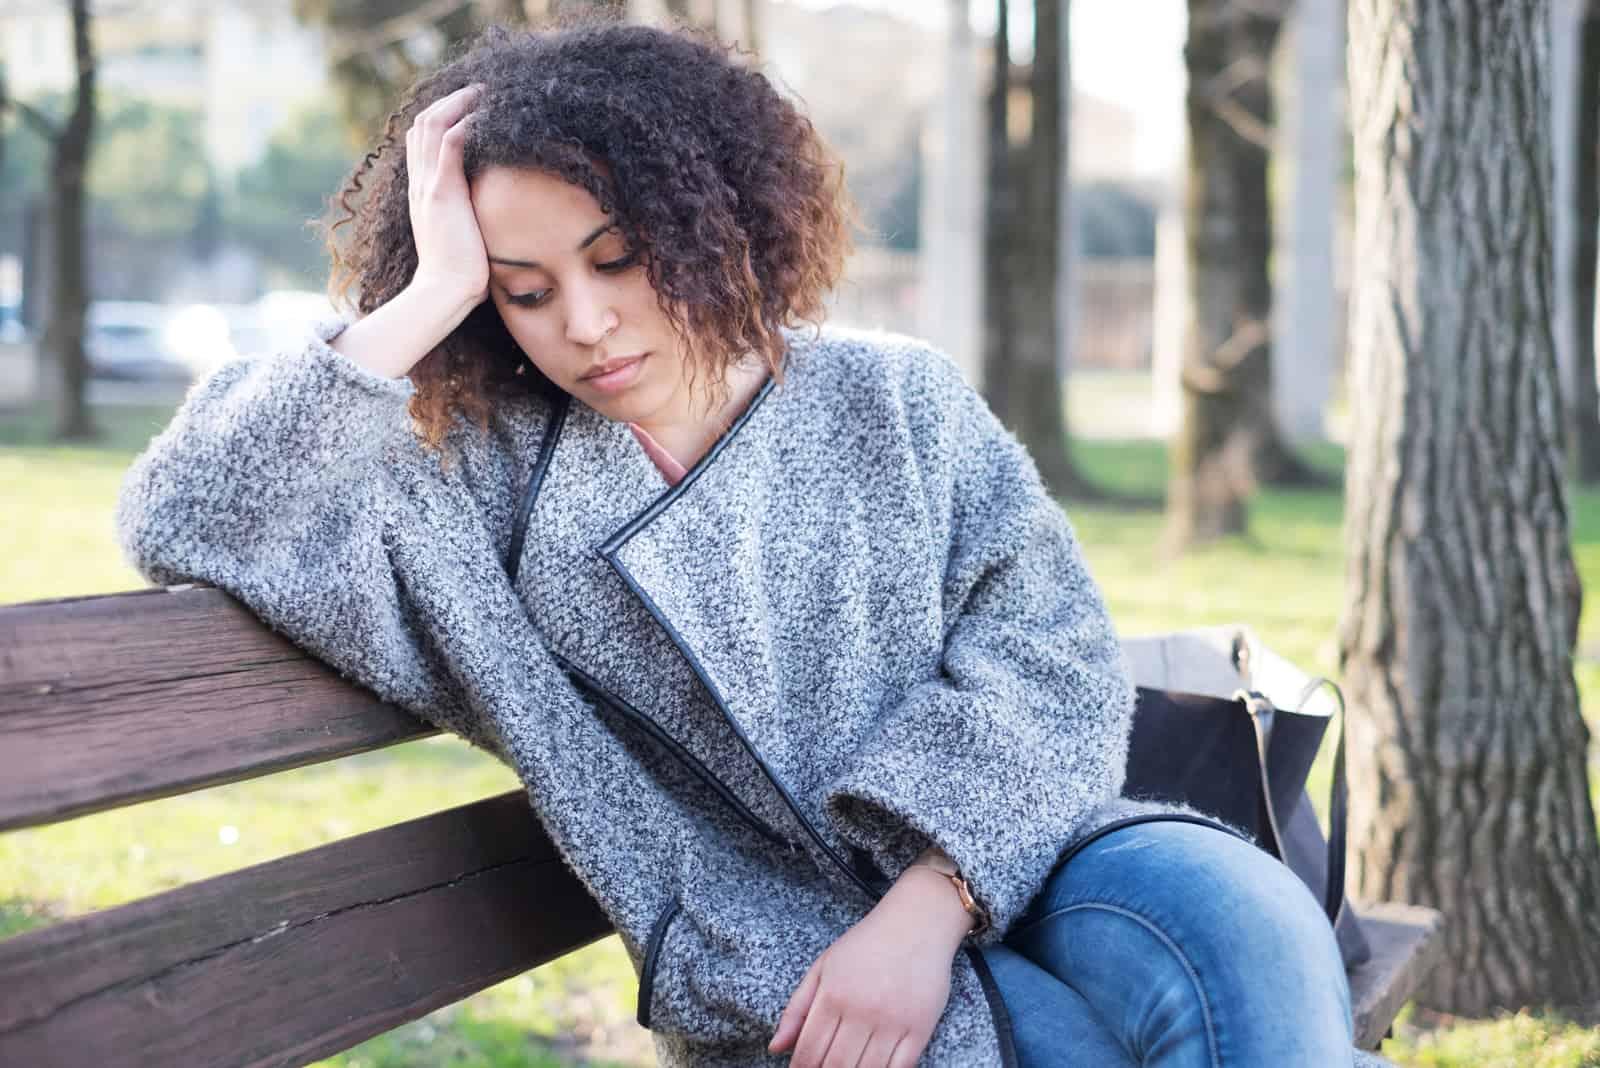 Frau sitzt alleine auf einer Bank im Park